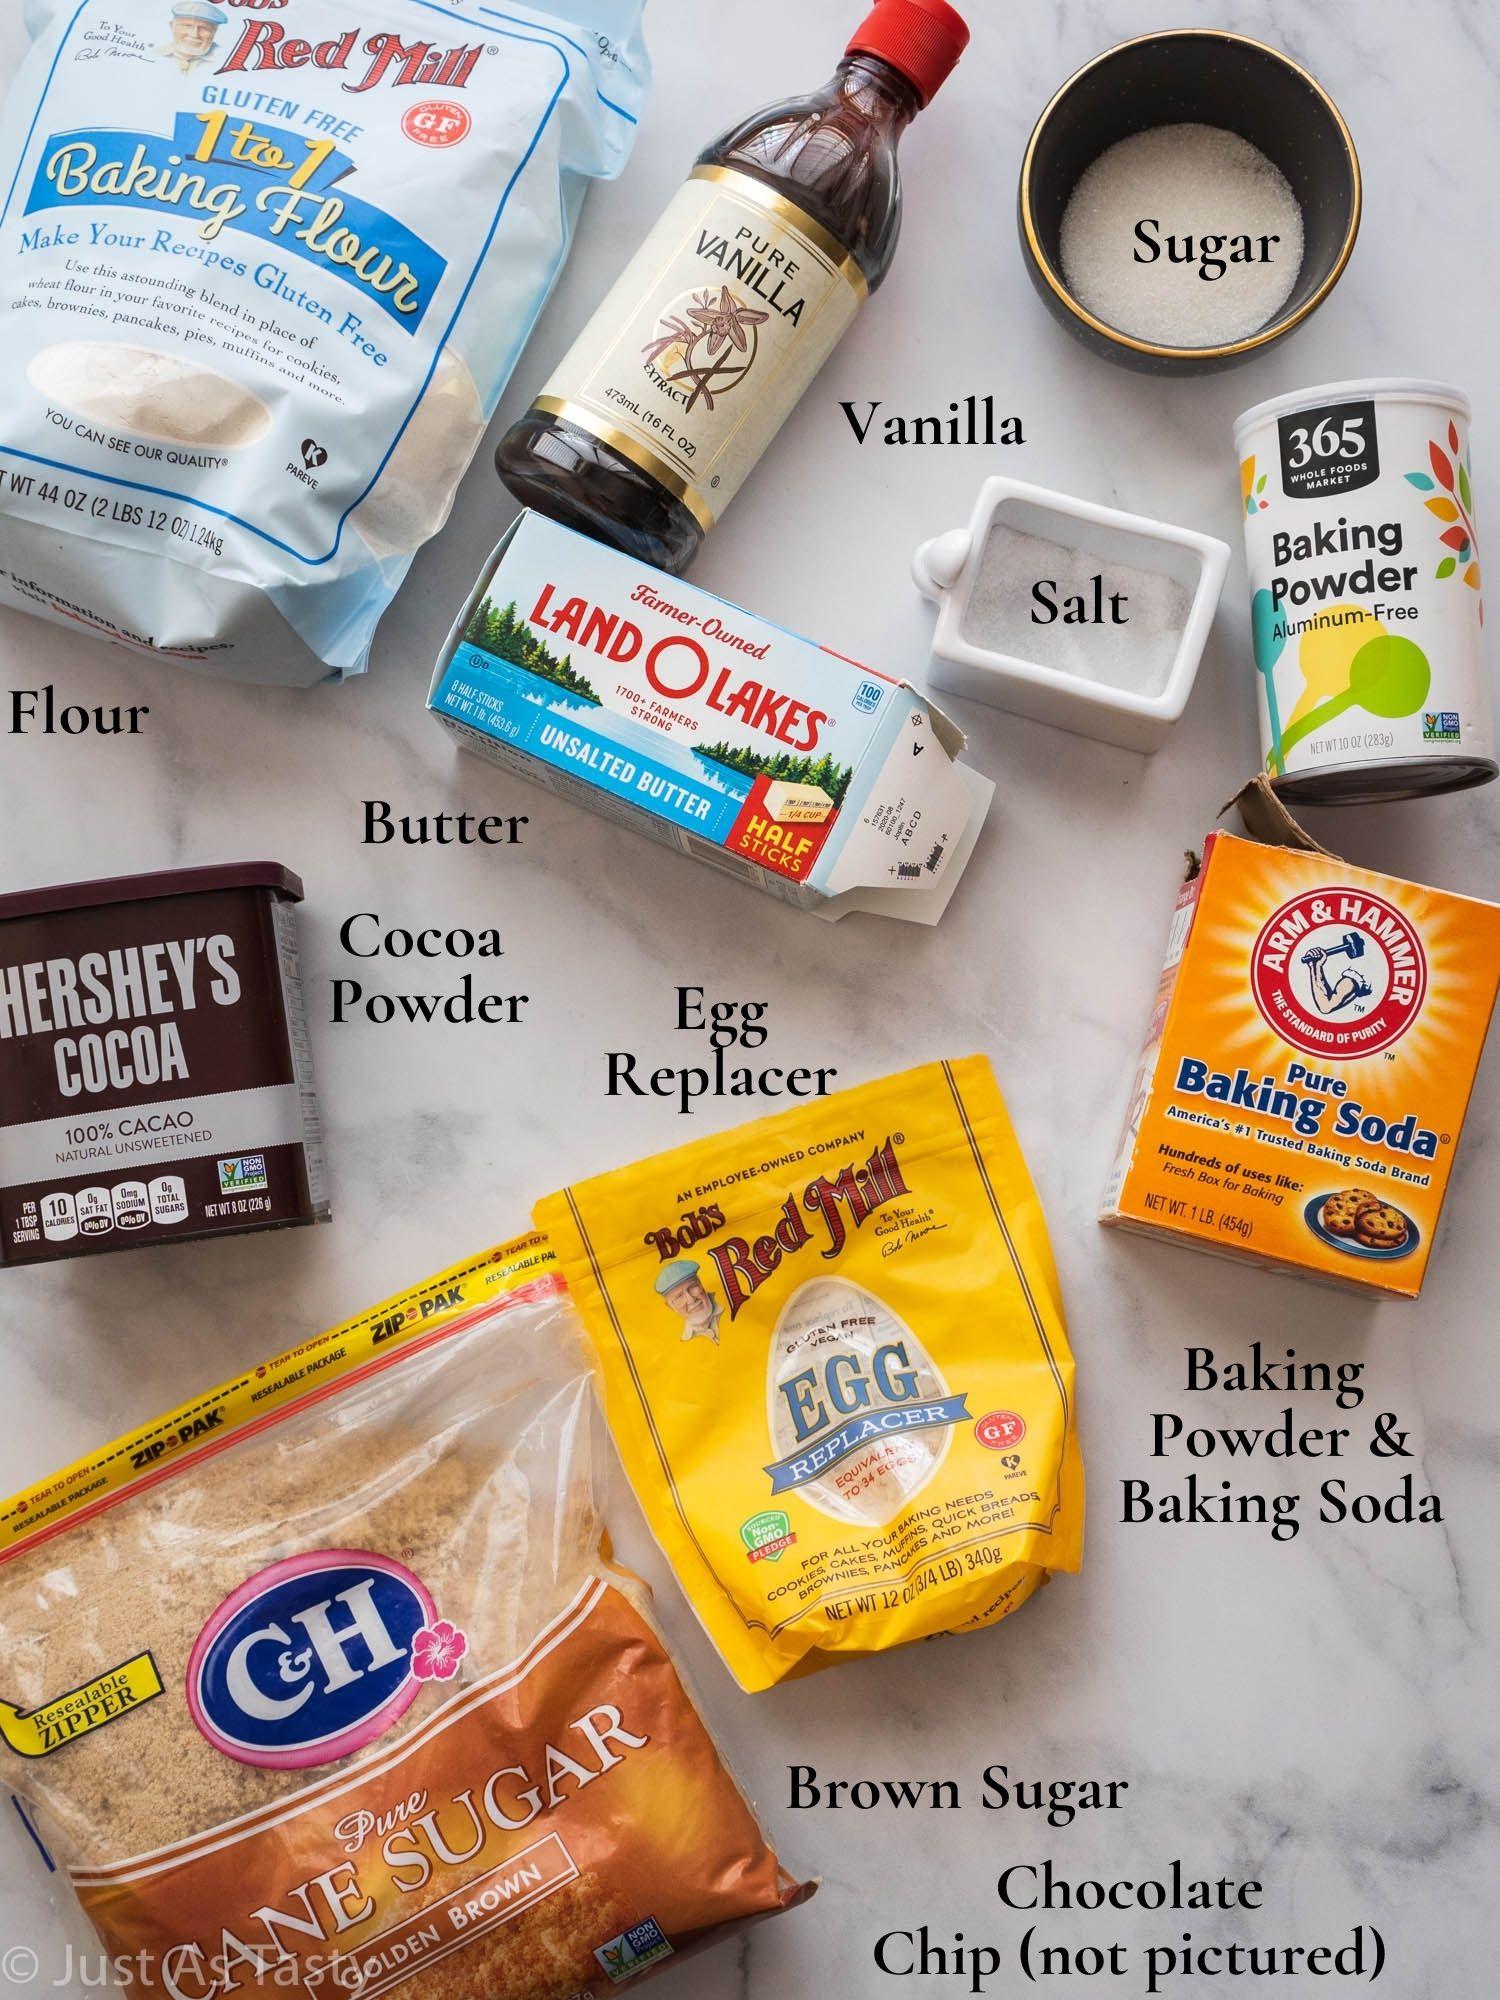 Ingredients for brookies.